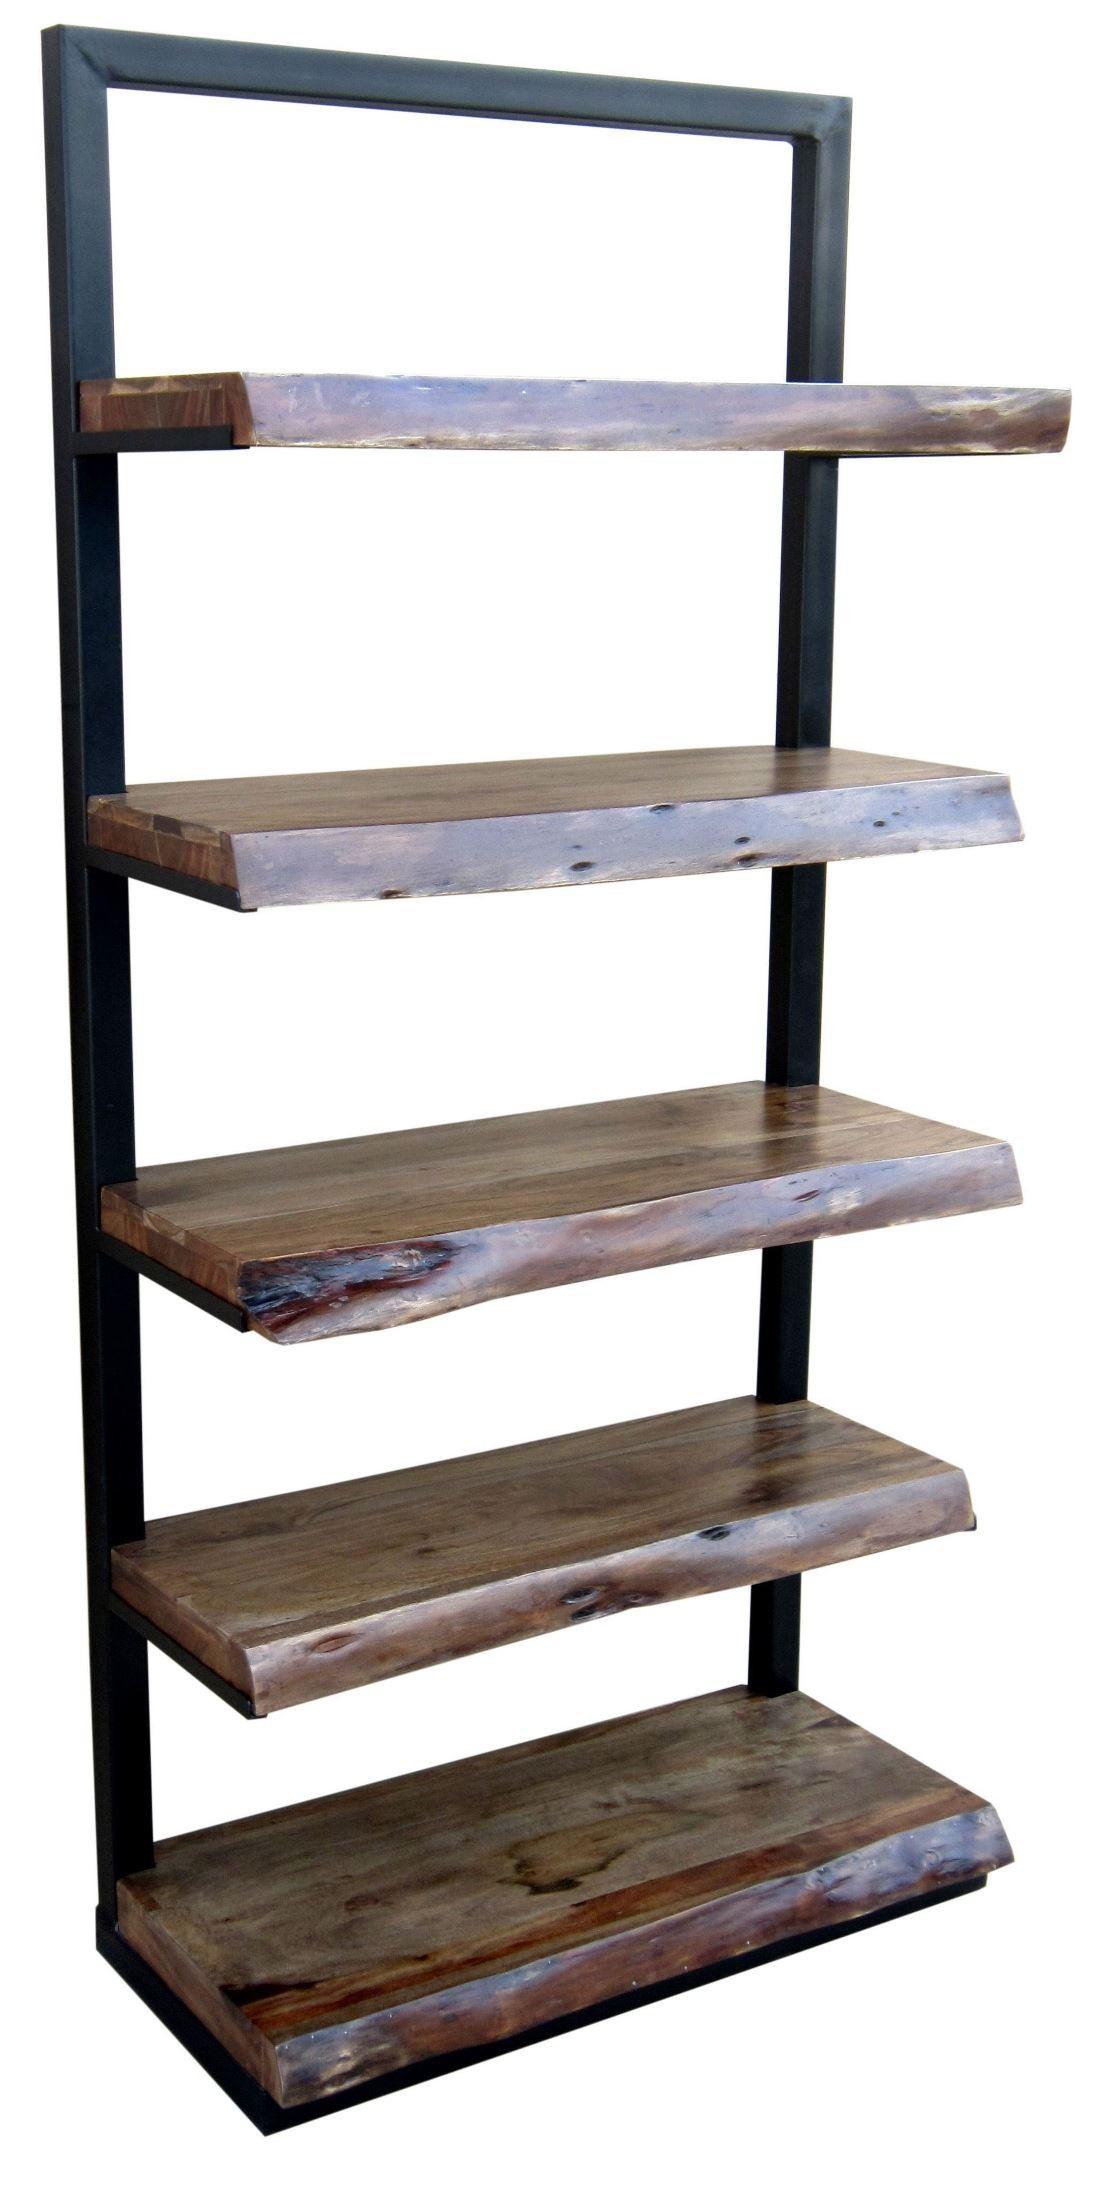 Ladder Natural Shelf 13419 Stein World